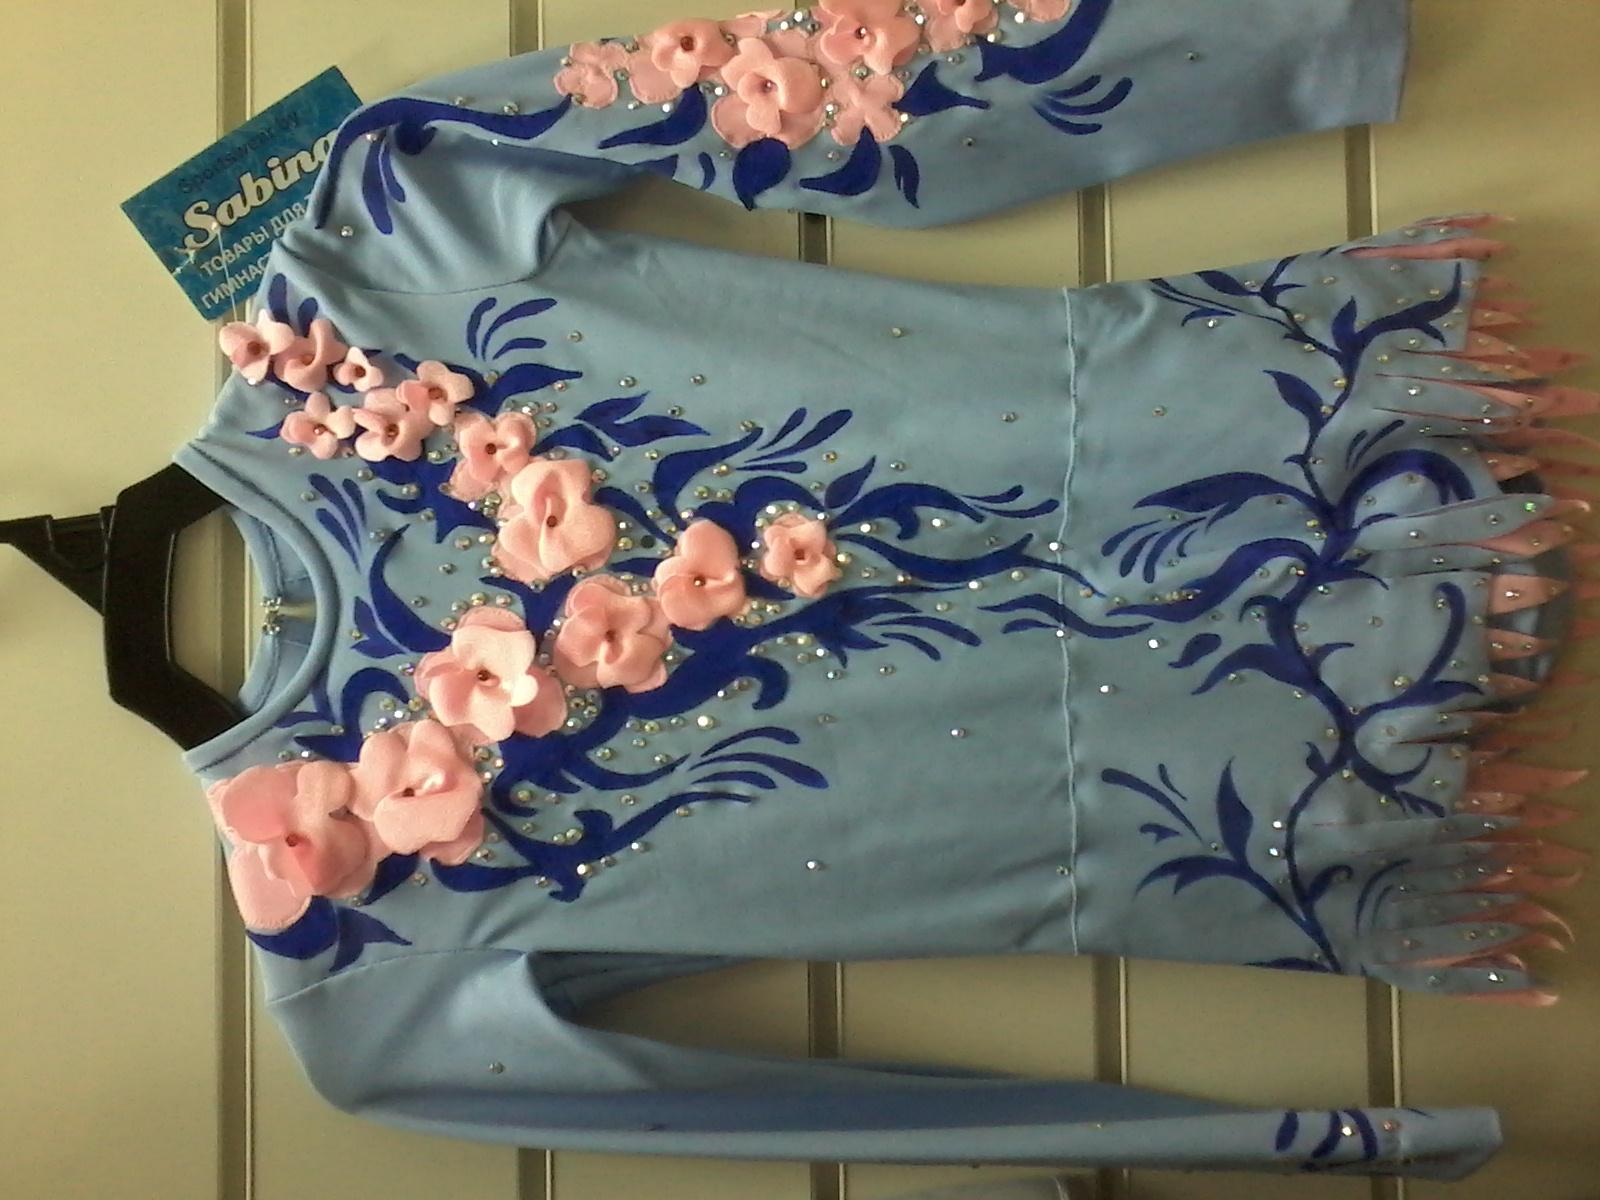 Купить Купальник с юбочкой для выступлений художественная гимнастика НОВЫЙ  в Новосибирске - Я Покупаю 42544f21d0d7e